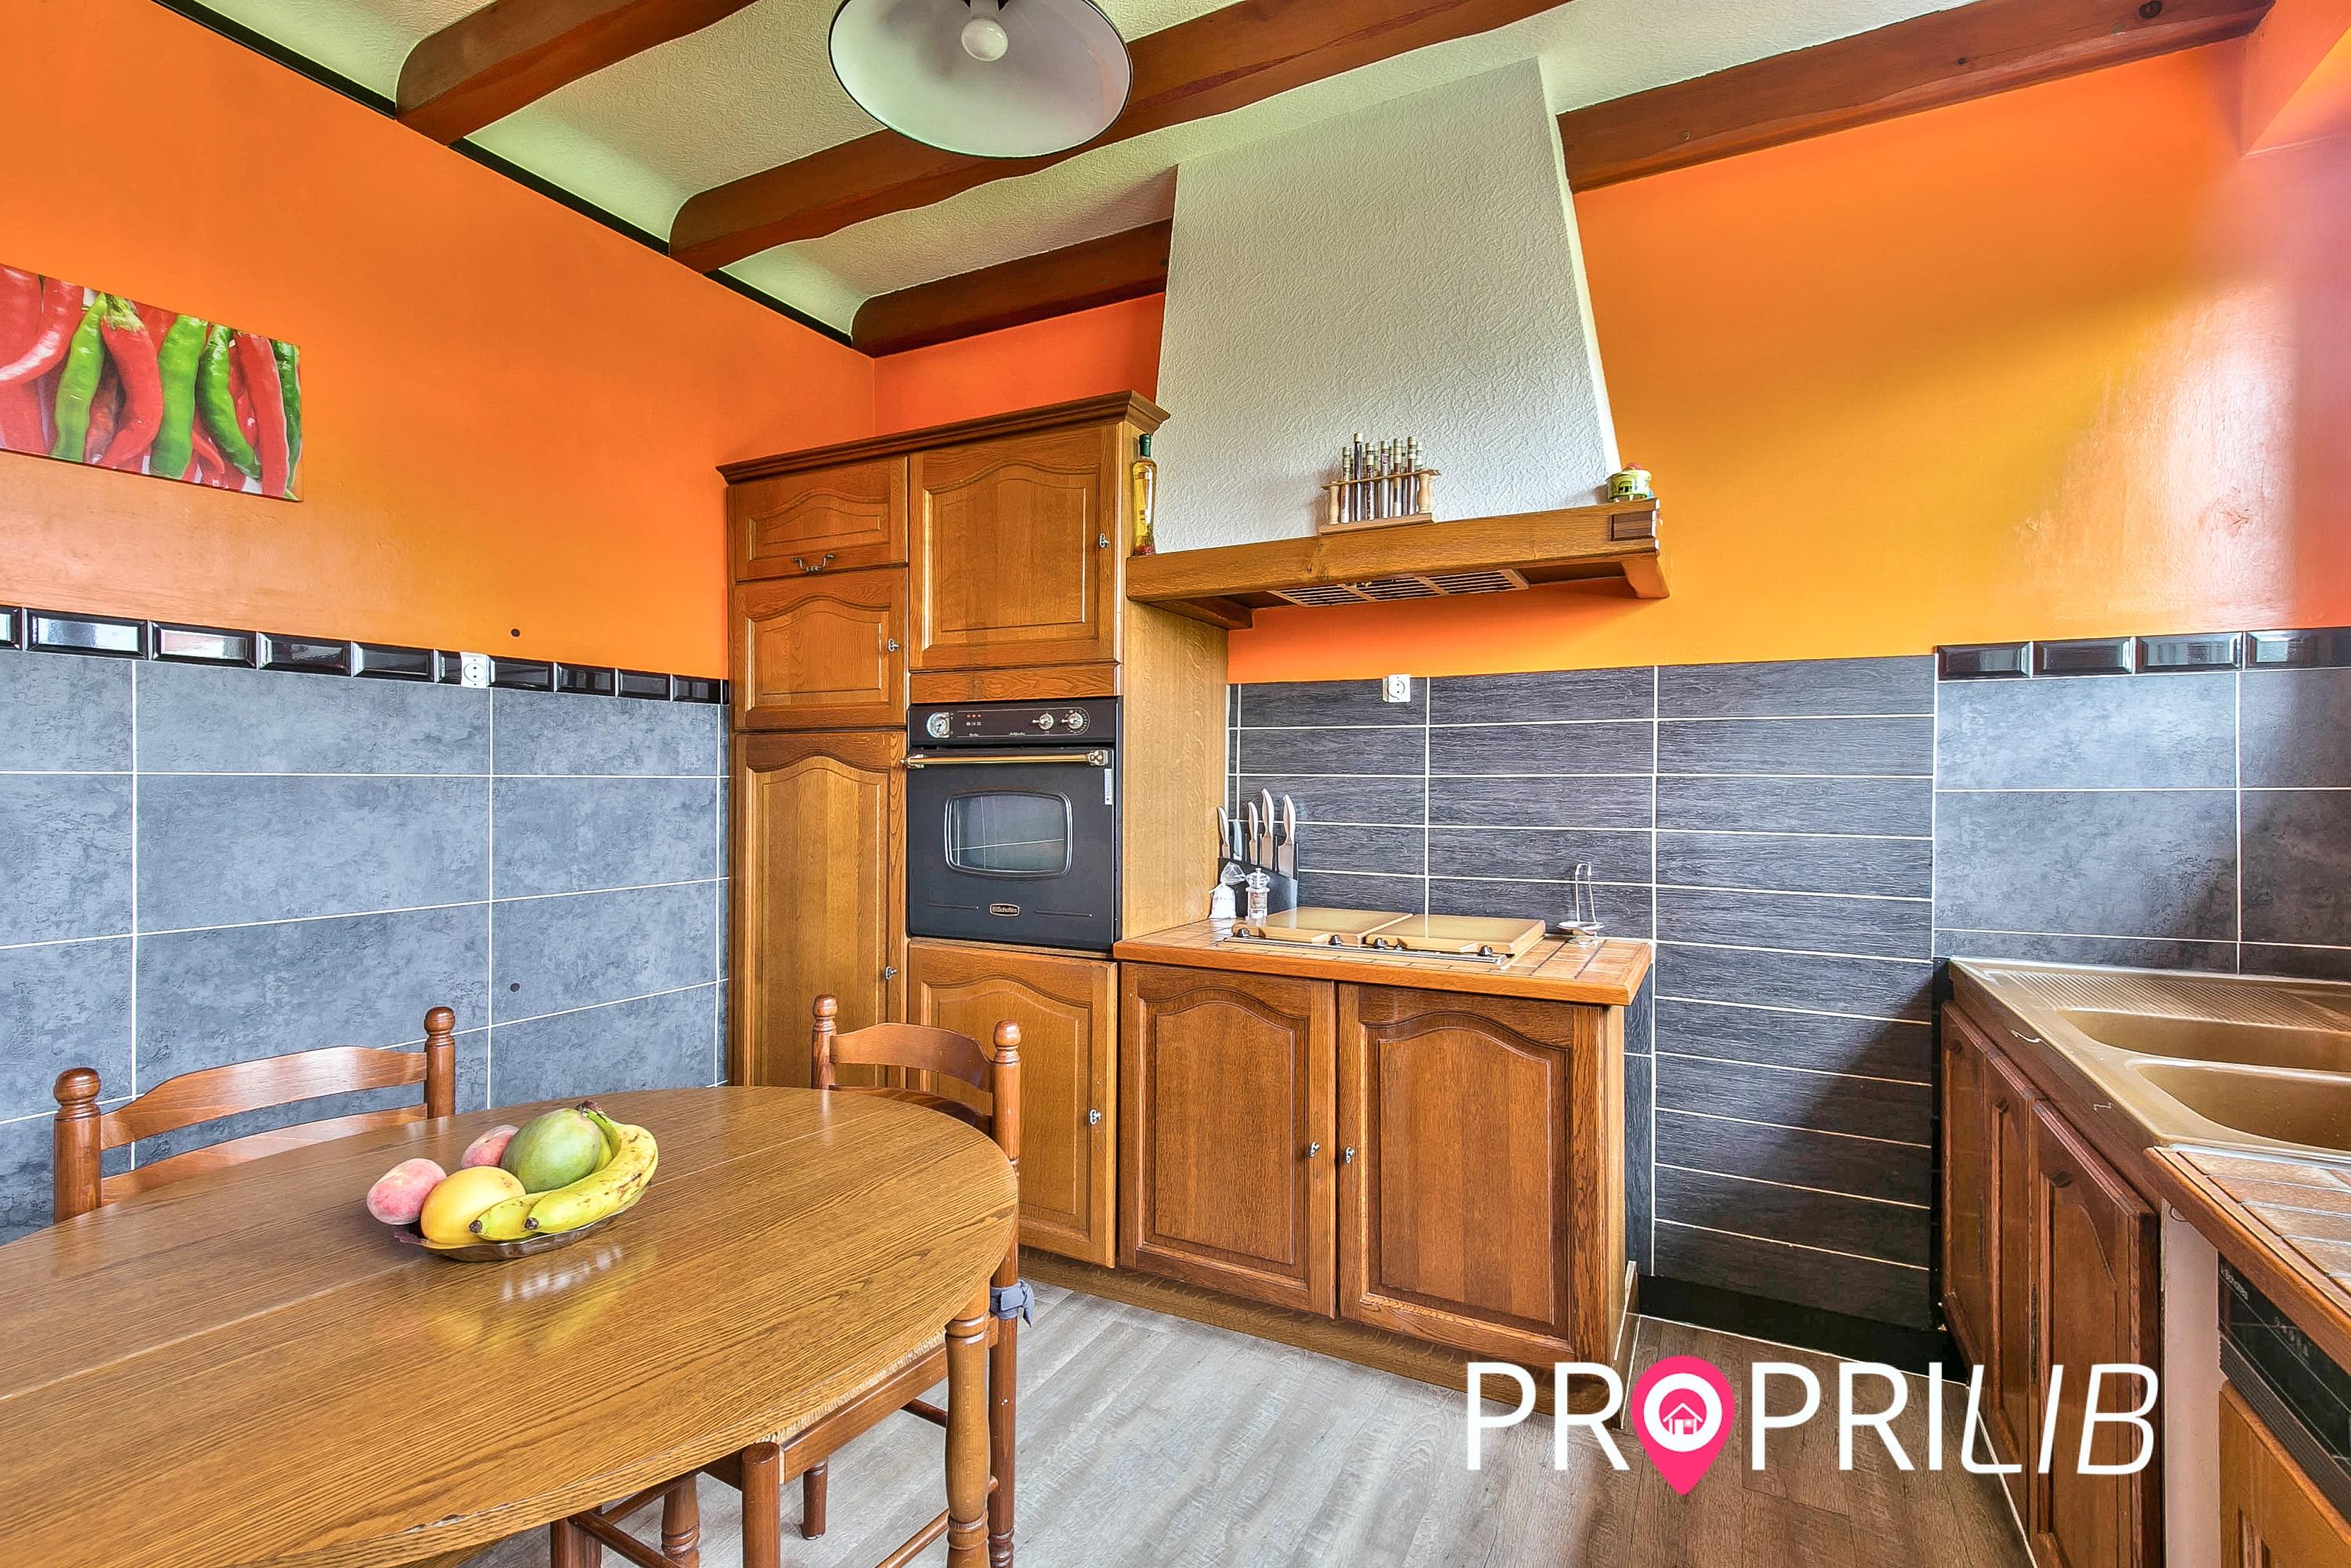 PropriLib l'agence immobilière en ligne au forfait vend cette maison à Villeneuve